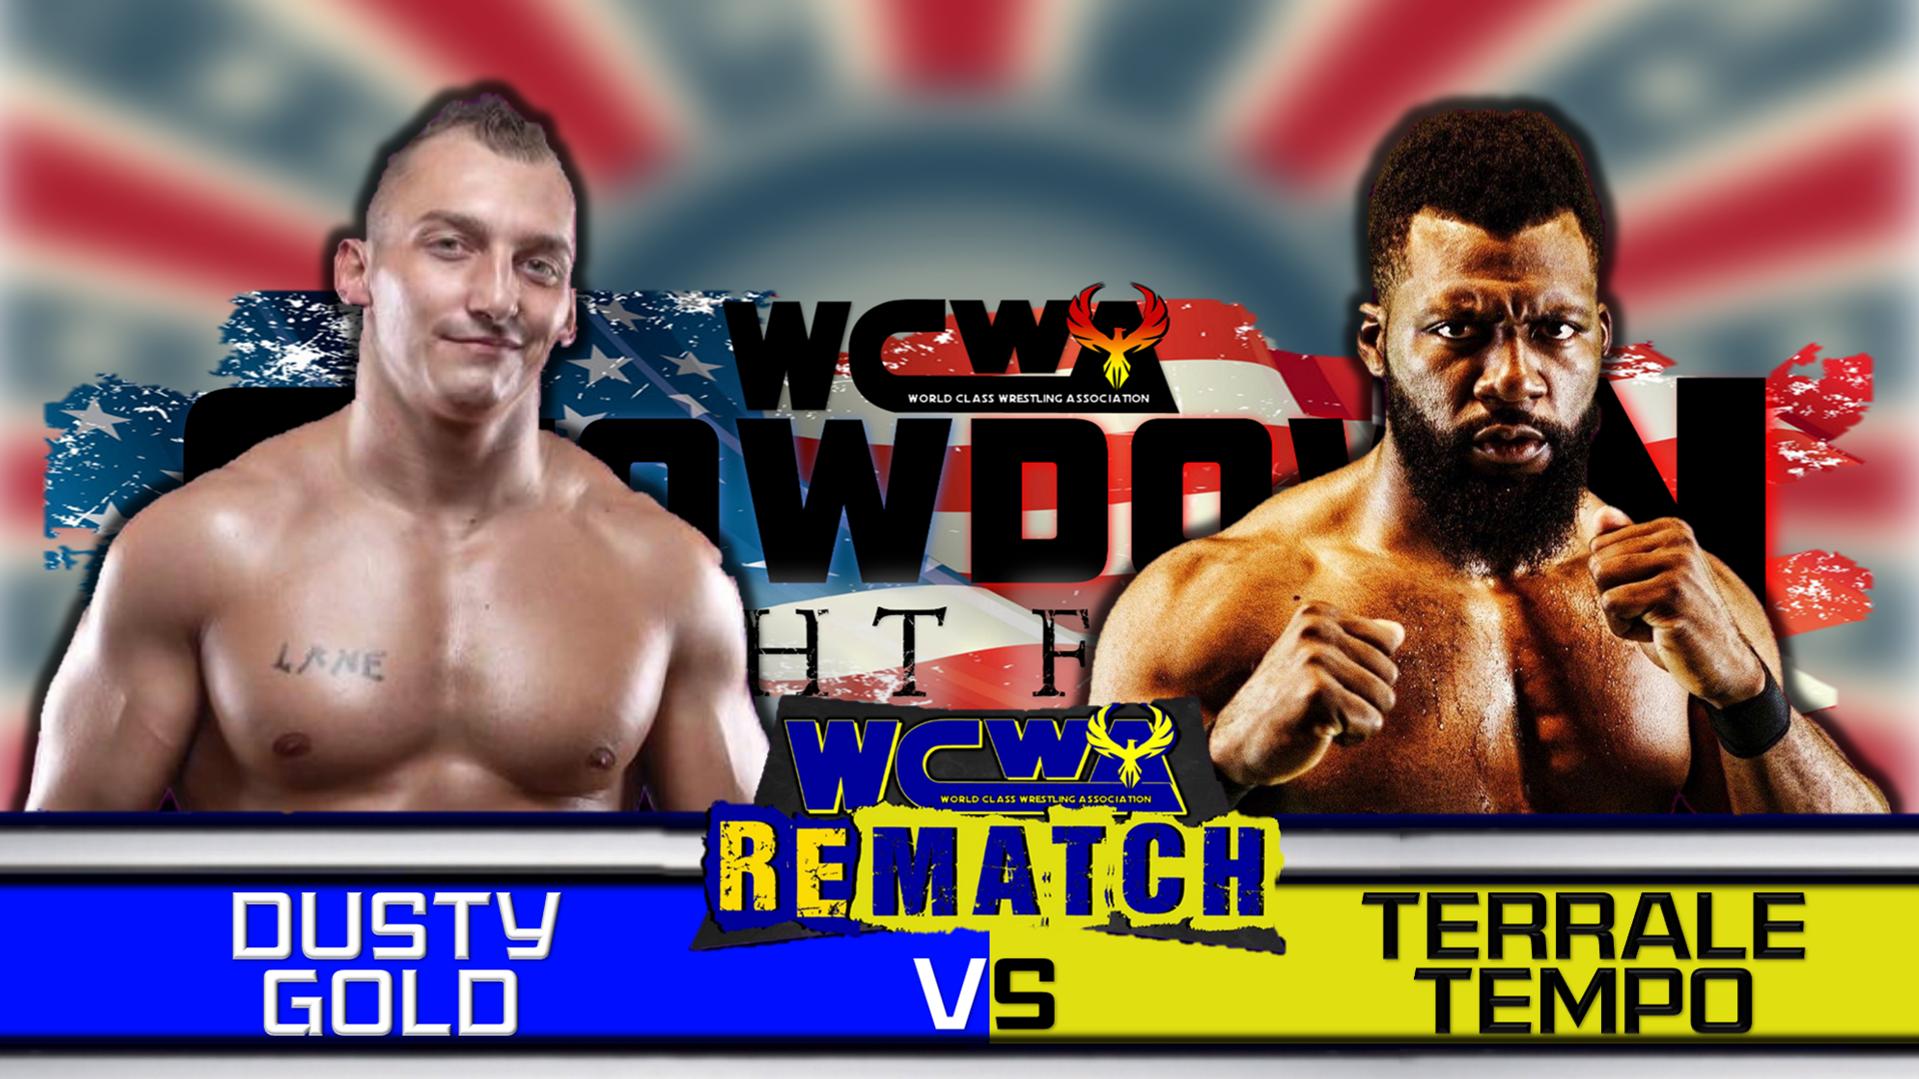 Dusty Gold vs  Terrale Tempo